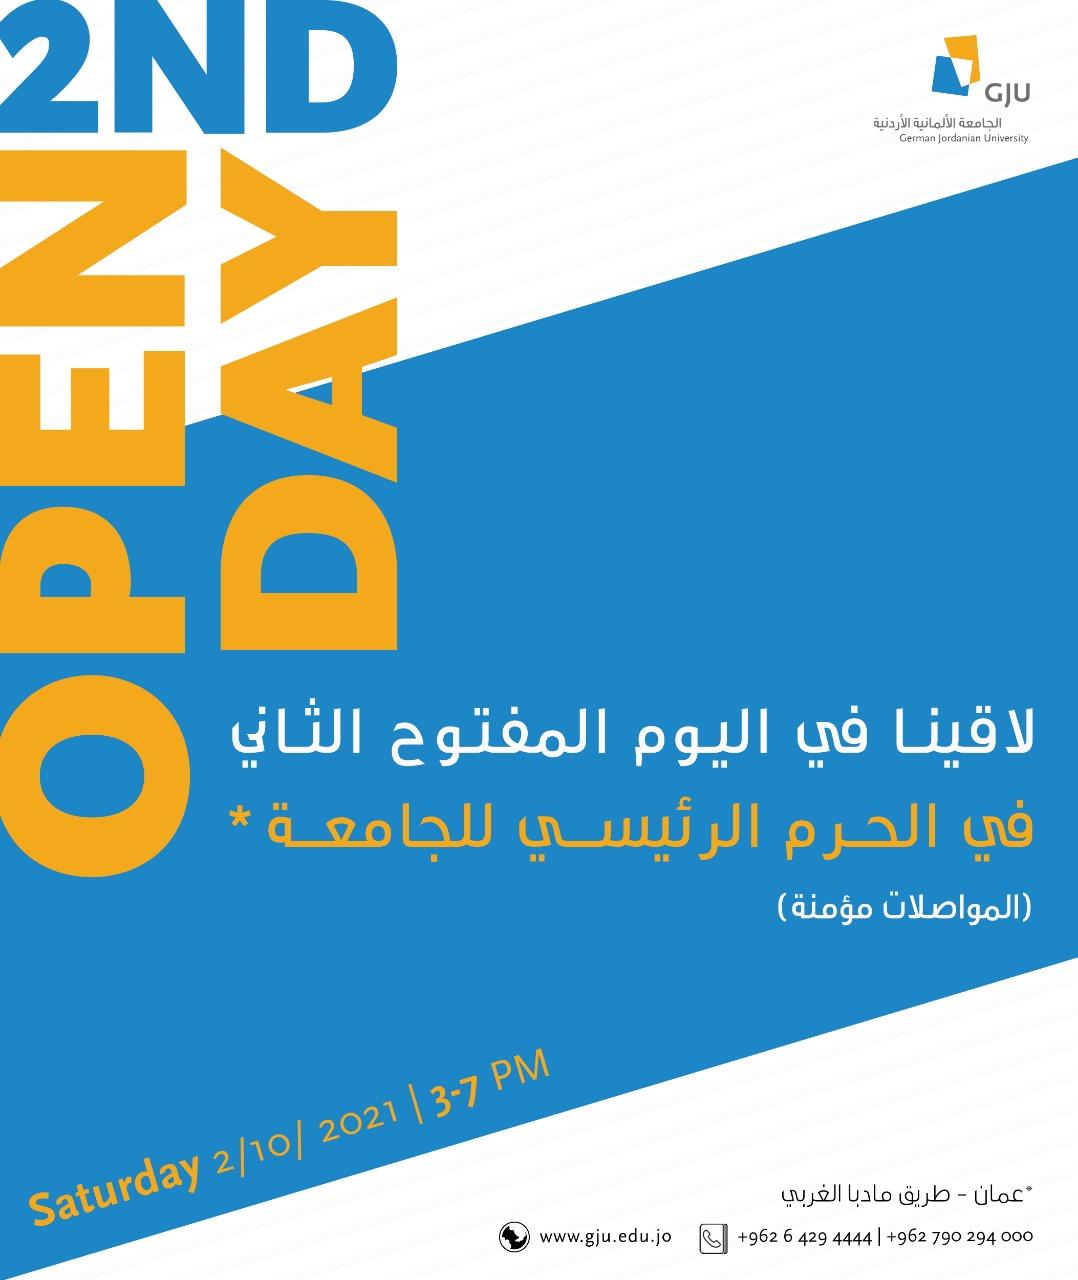 الجامعة الألمانية الأردنية تنظم يوم مفتوح للتعريف بتخصصاتها في حرمها الرئيسي السبت المقبل